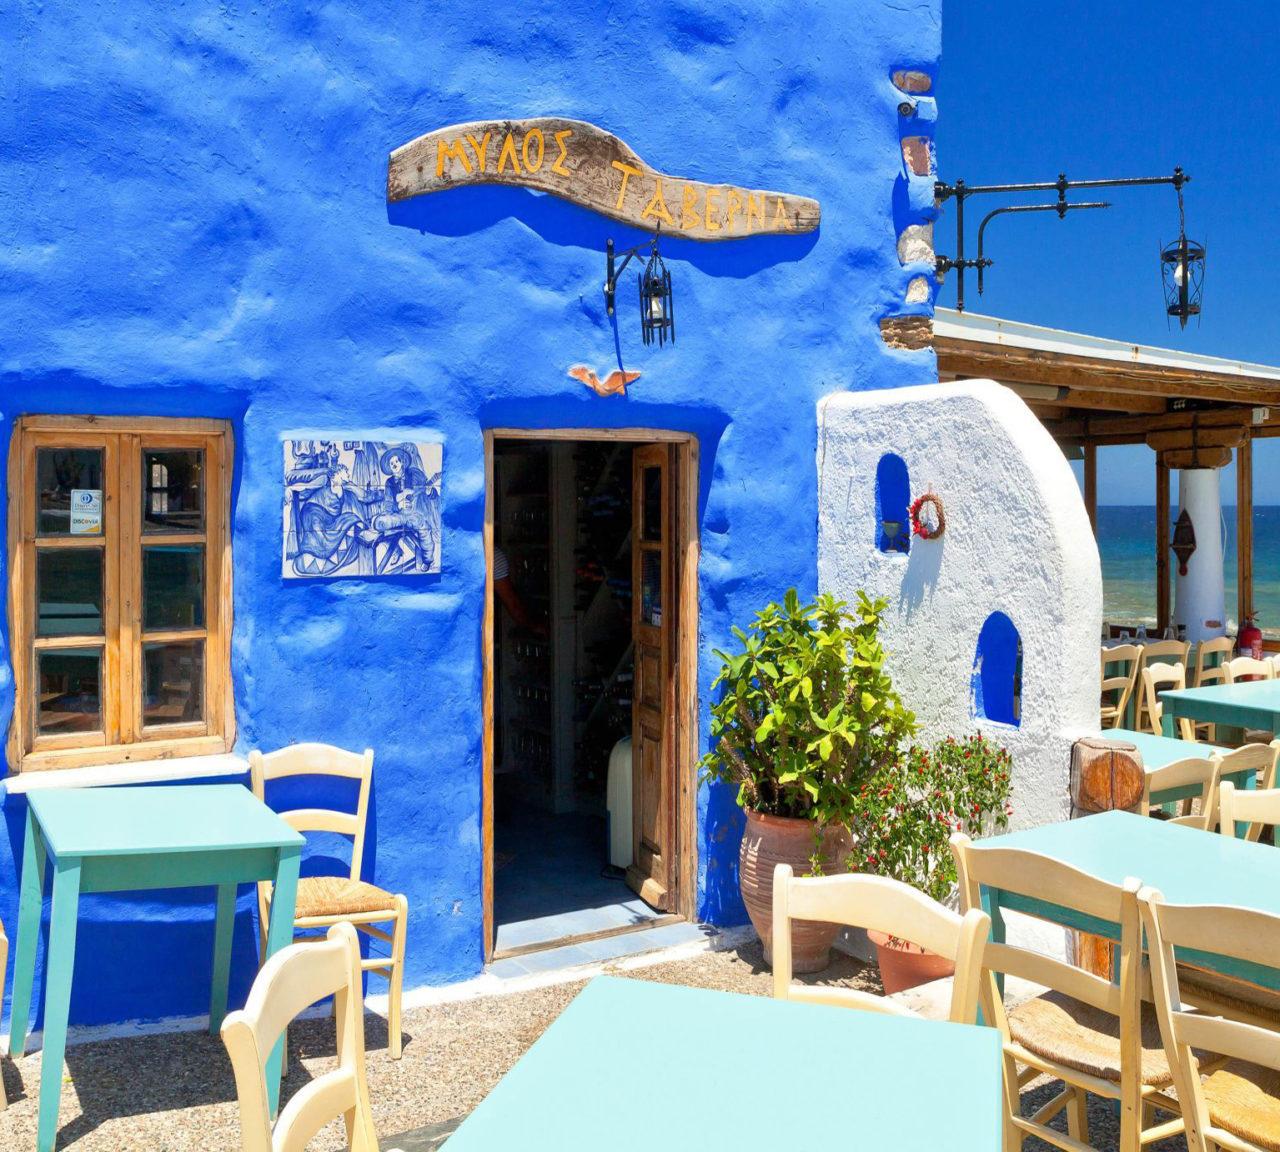 Leros'daki tavernalarda, zengin kahvaltılar, Ege mutfağının eşsiz lezzetleri ve eşsiz deniz ürünleri sunuluyor.